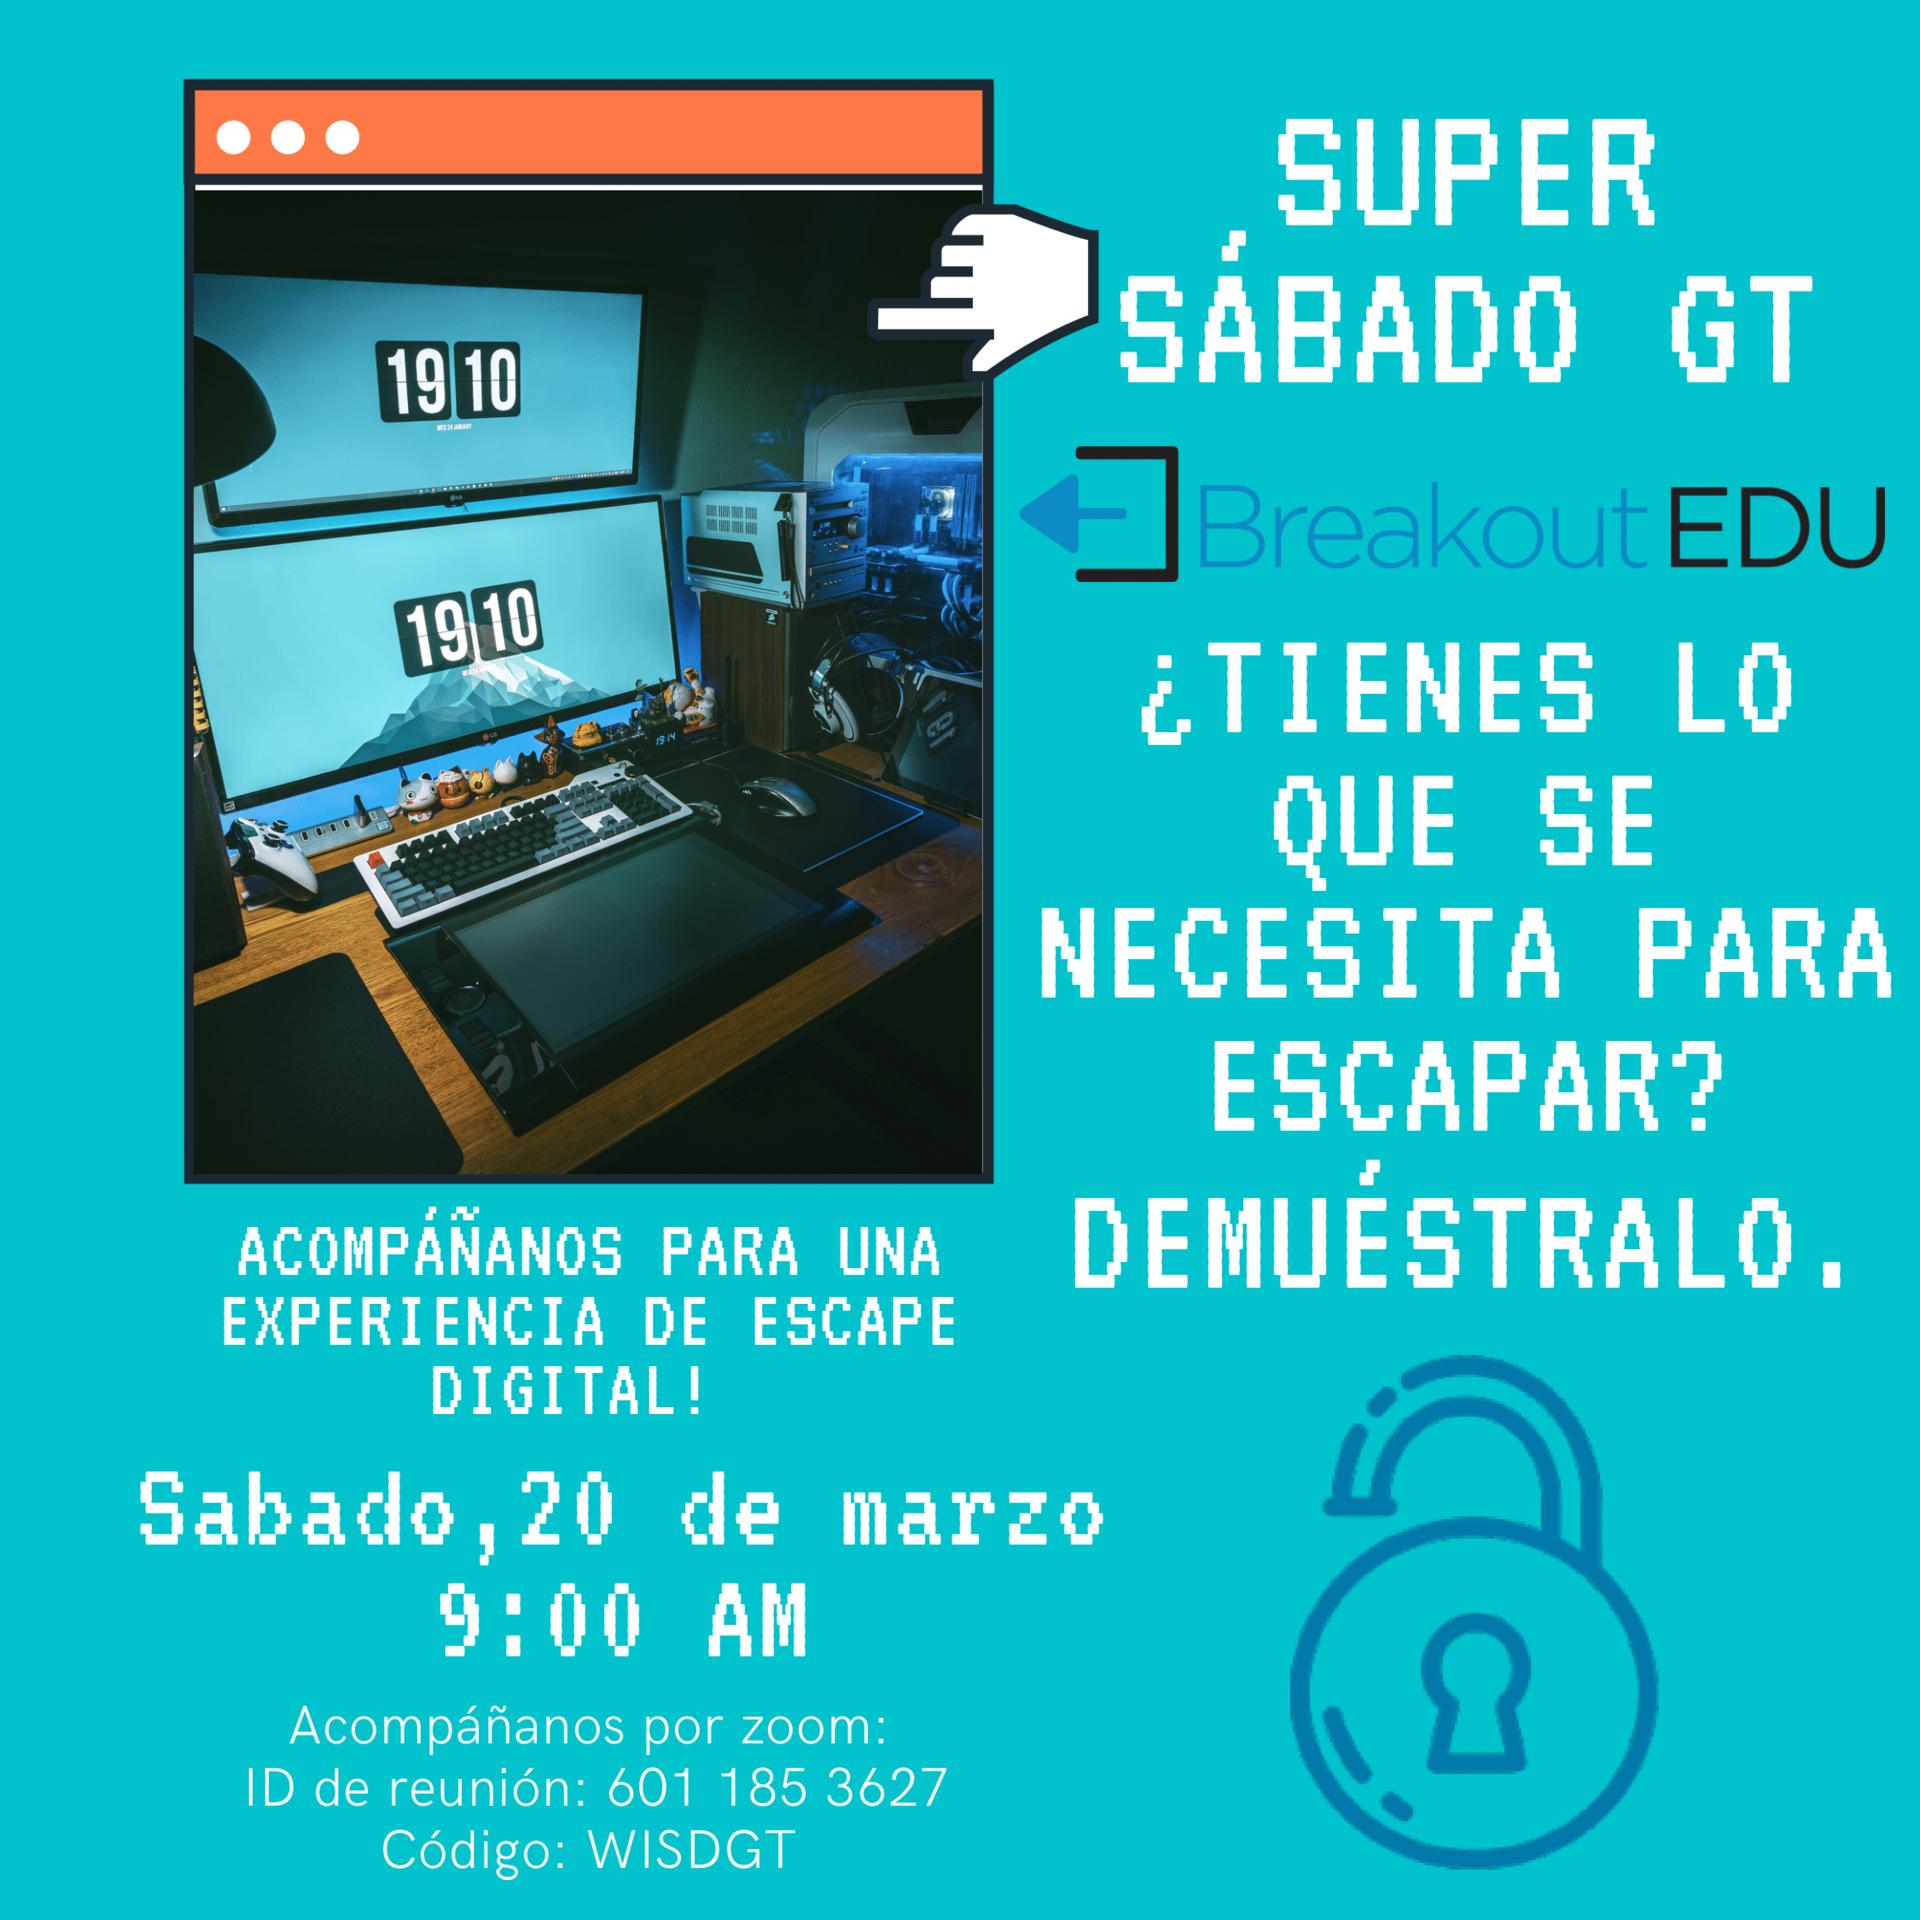 GT Super Sabado en 20 de marzo